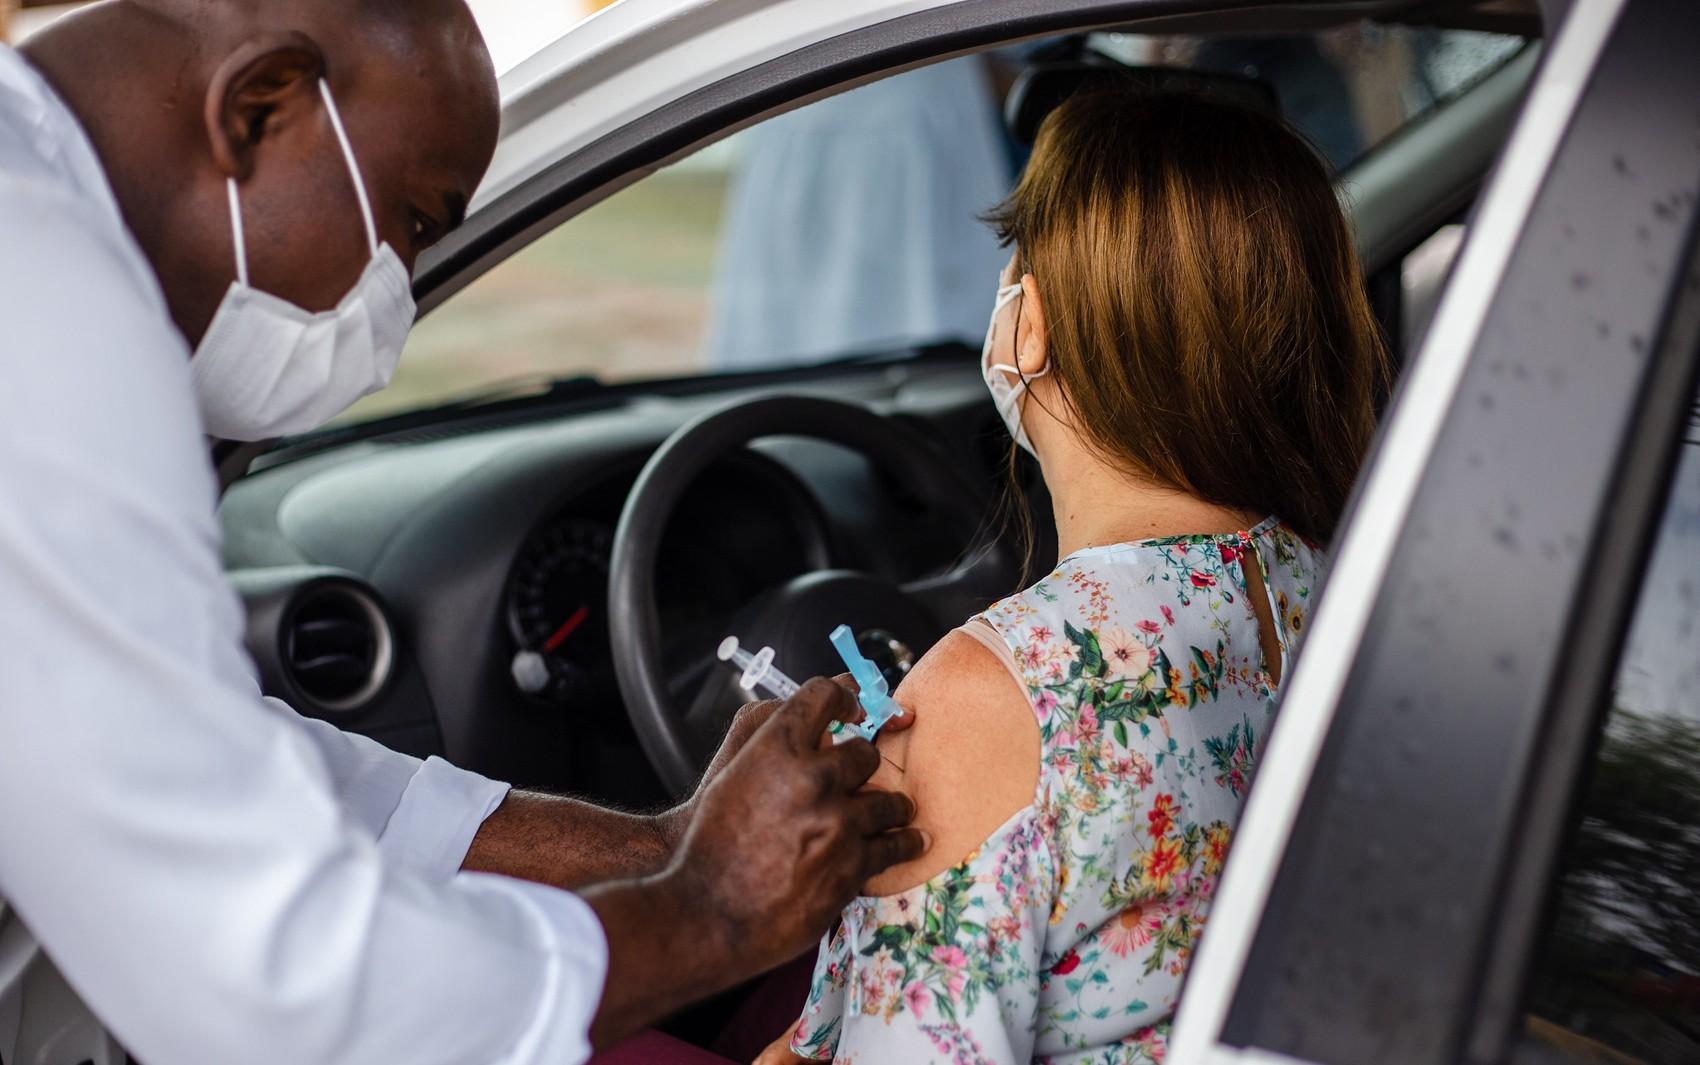 Vacinação na segunda-feira será apenas para 2ª dose da CoronaVac em Lauro de Freitas; retomada da 1ª dose é prevista para terça